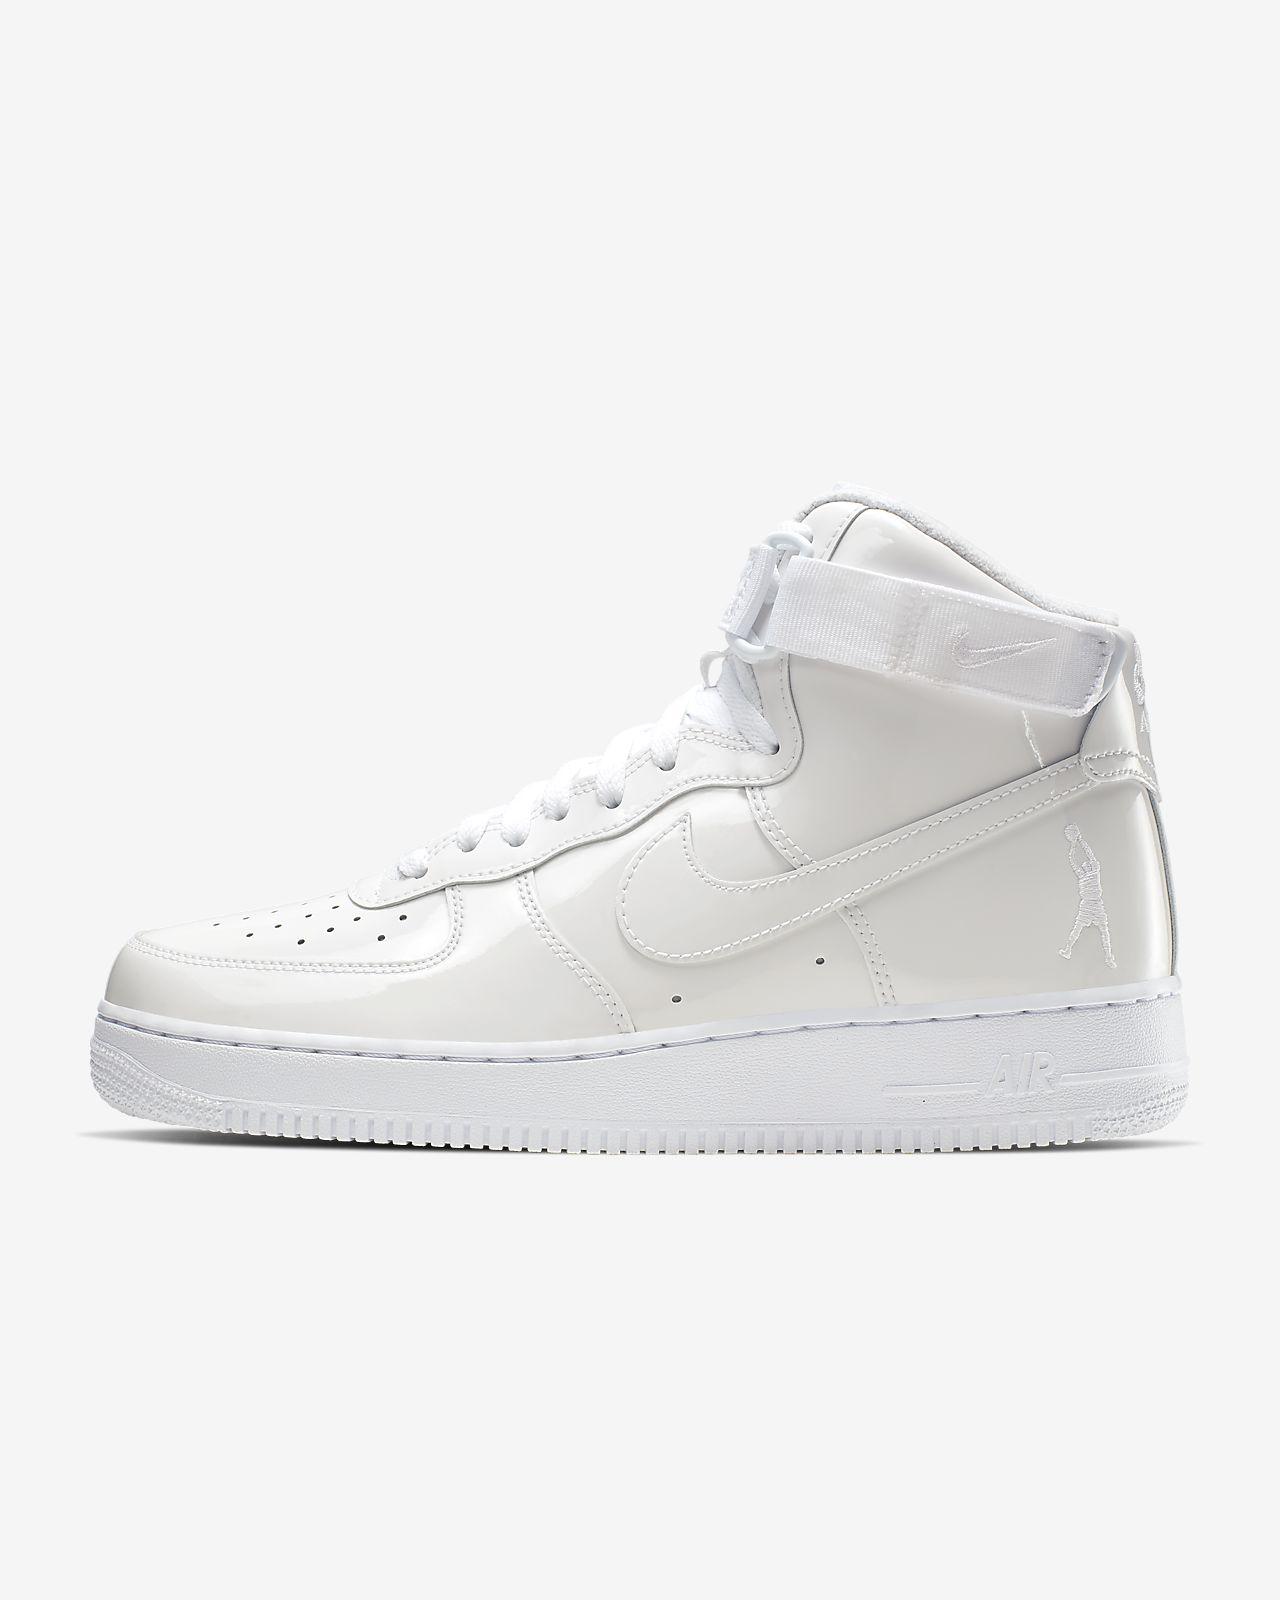 รองเท้าผู้ชาย Nike Air Force 1 High Retro QS